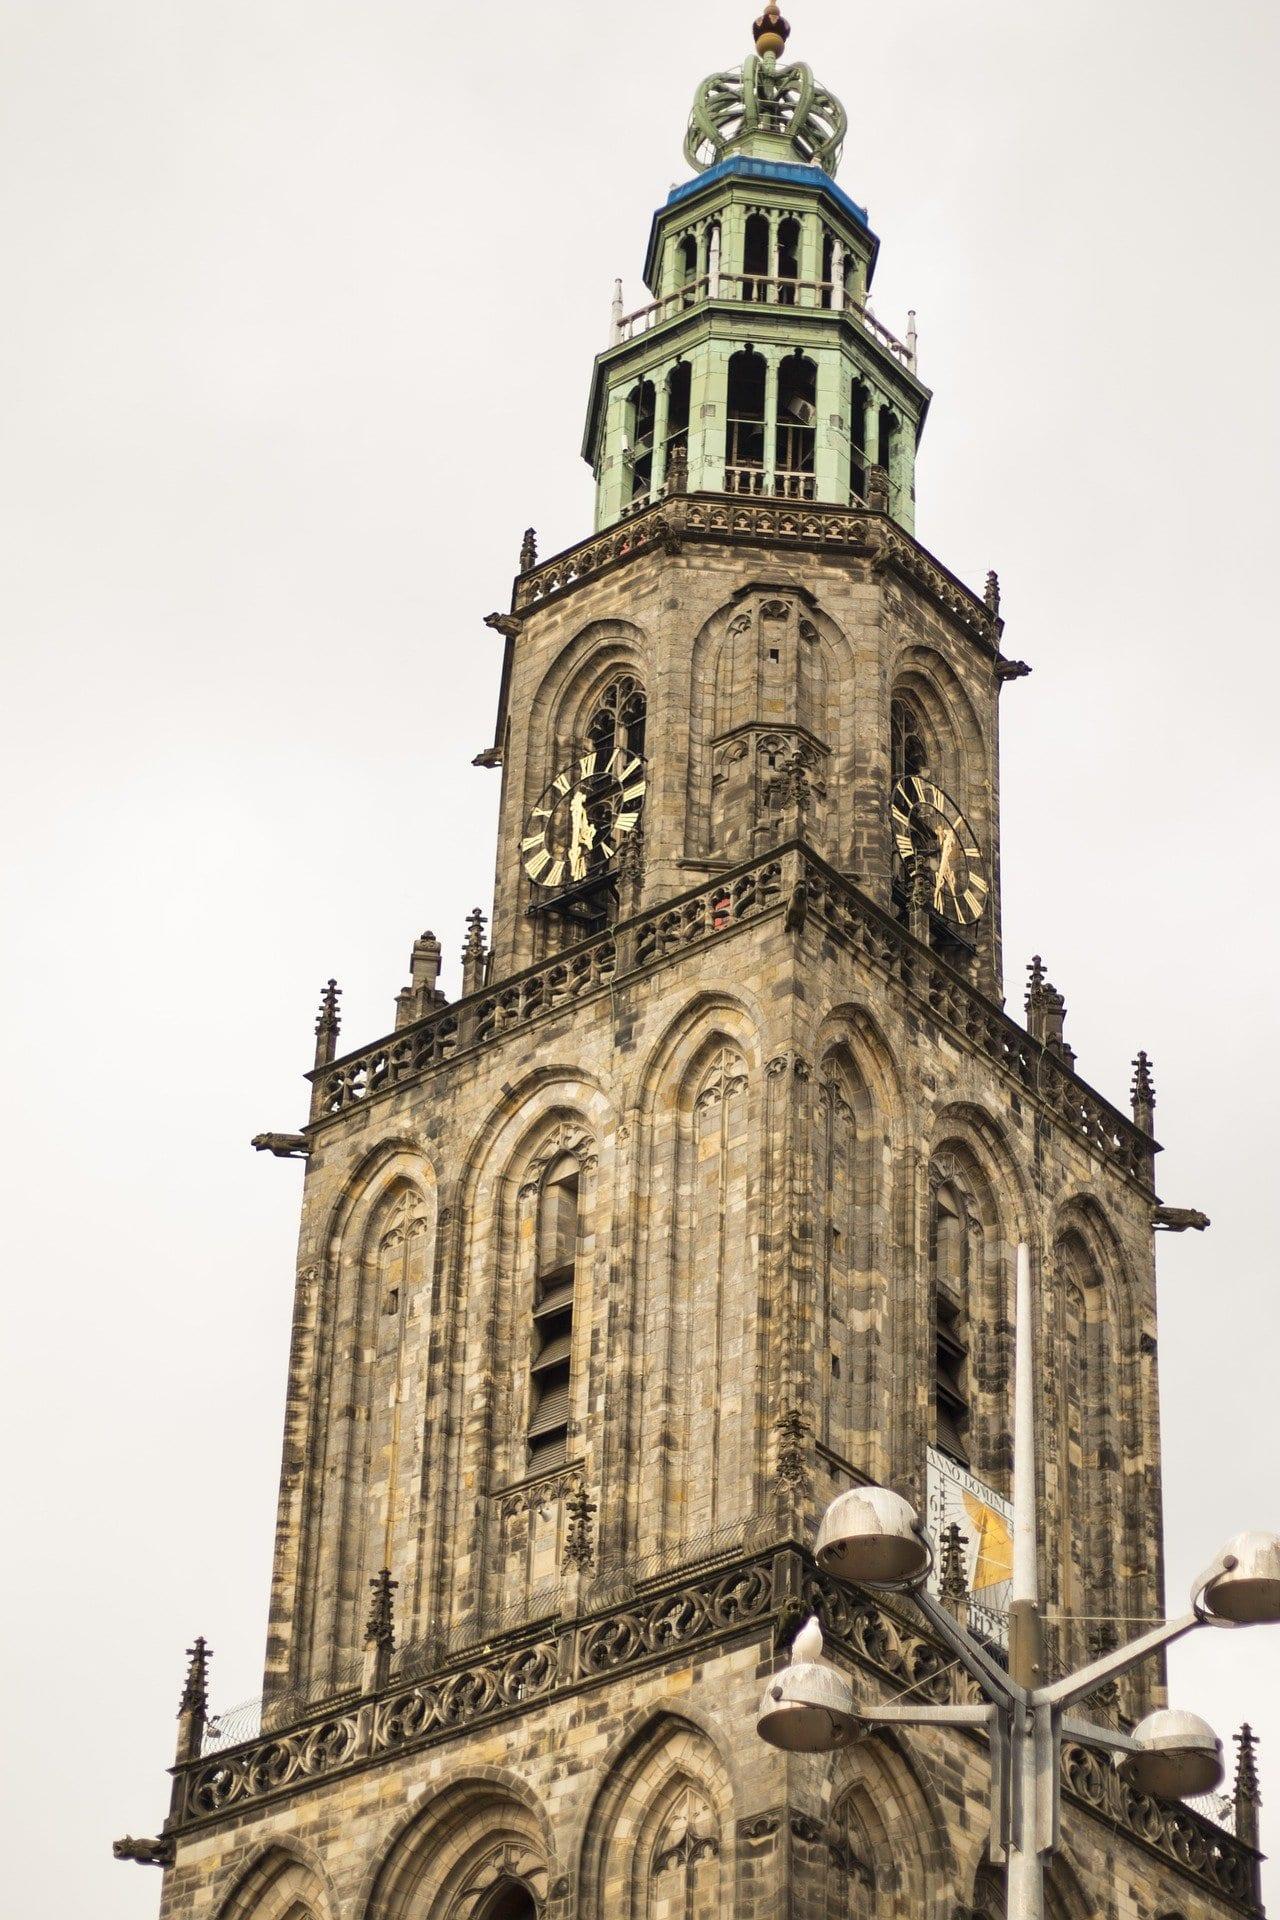 grote 2736982 1920 2 - Trouwen in Groningen